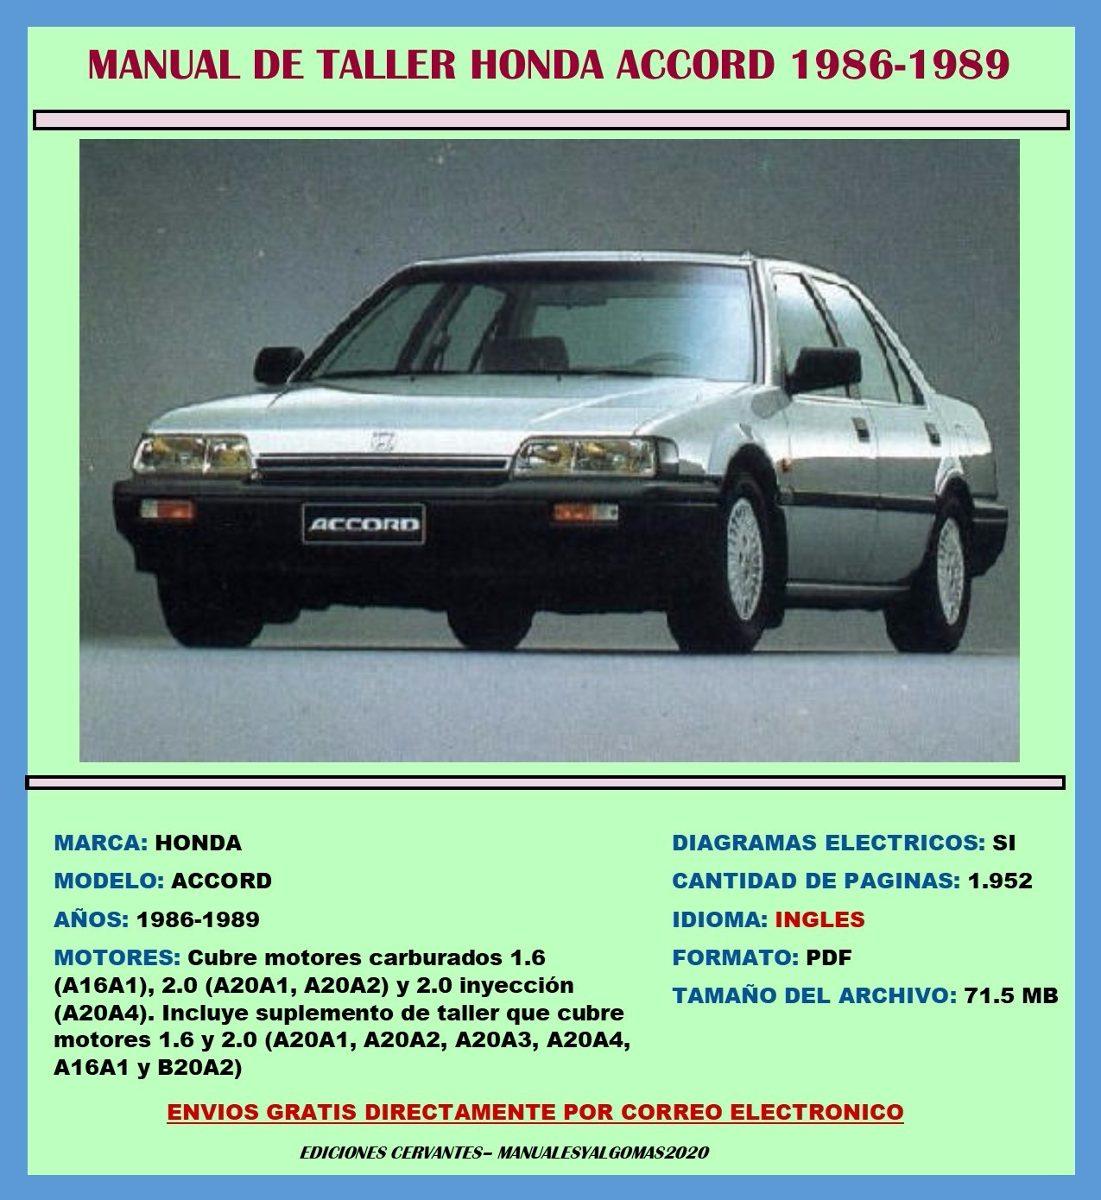 Manual De Taller Reparación Diagramas Honda Accord 1986-1989 - Bs. 8.434,93  en Mercado Libre